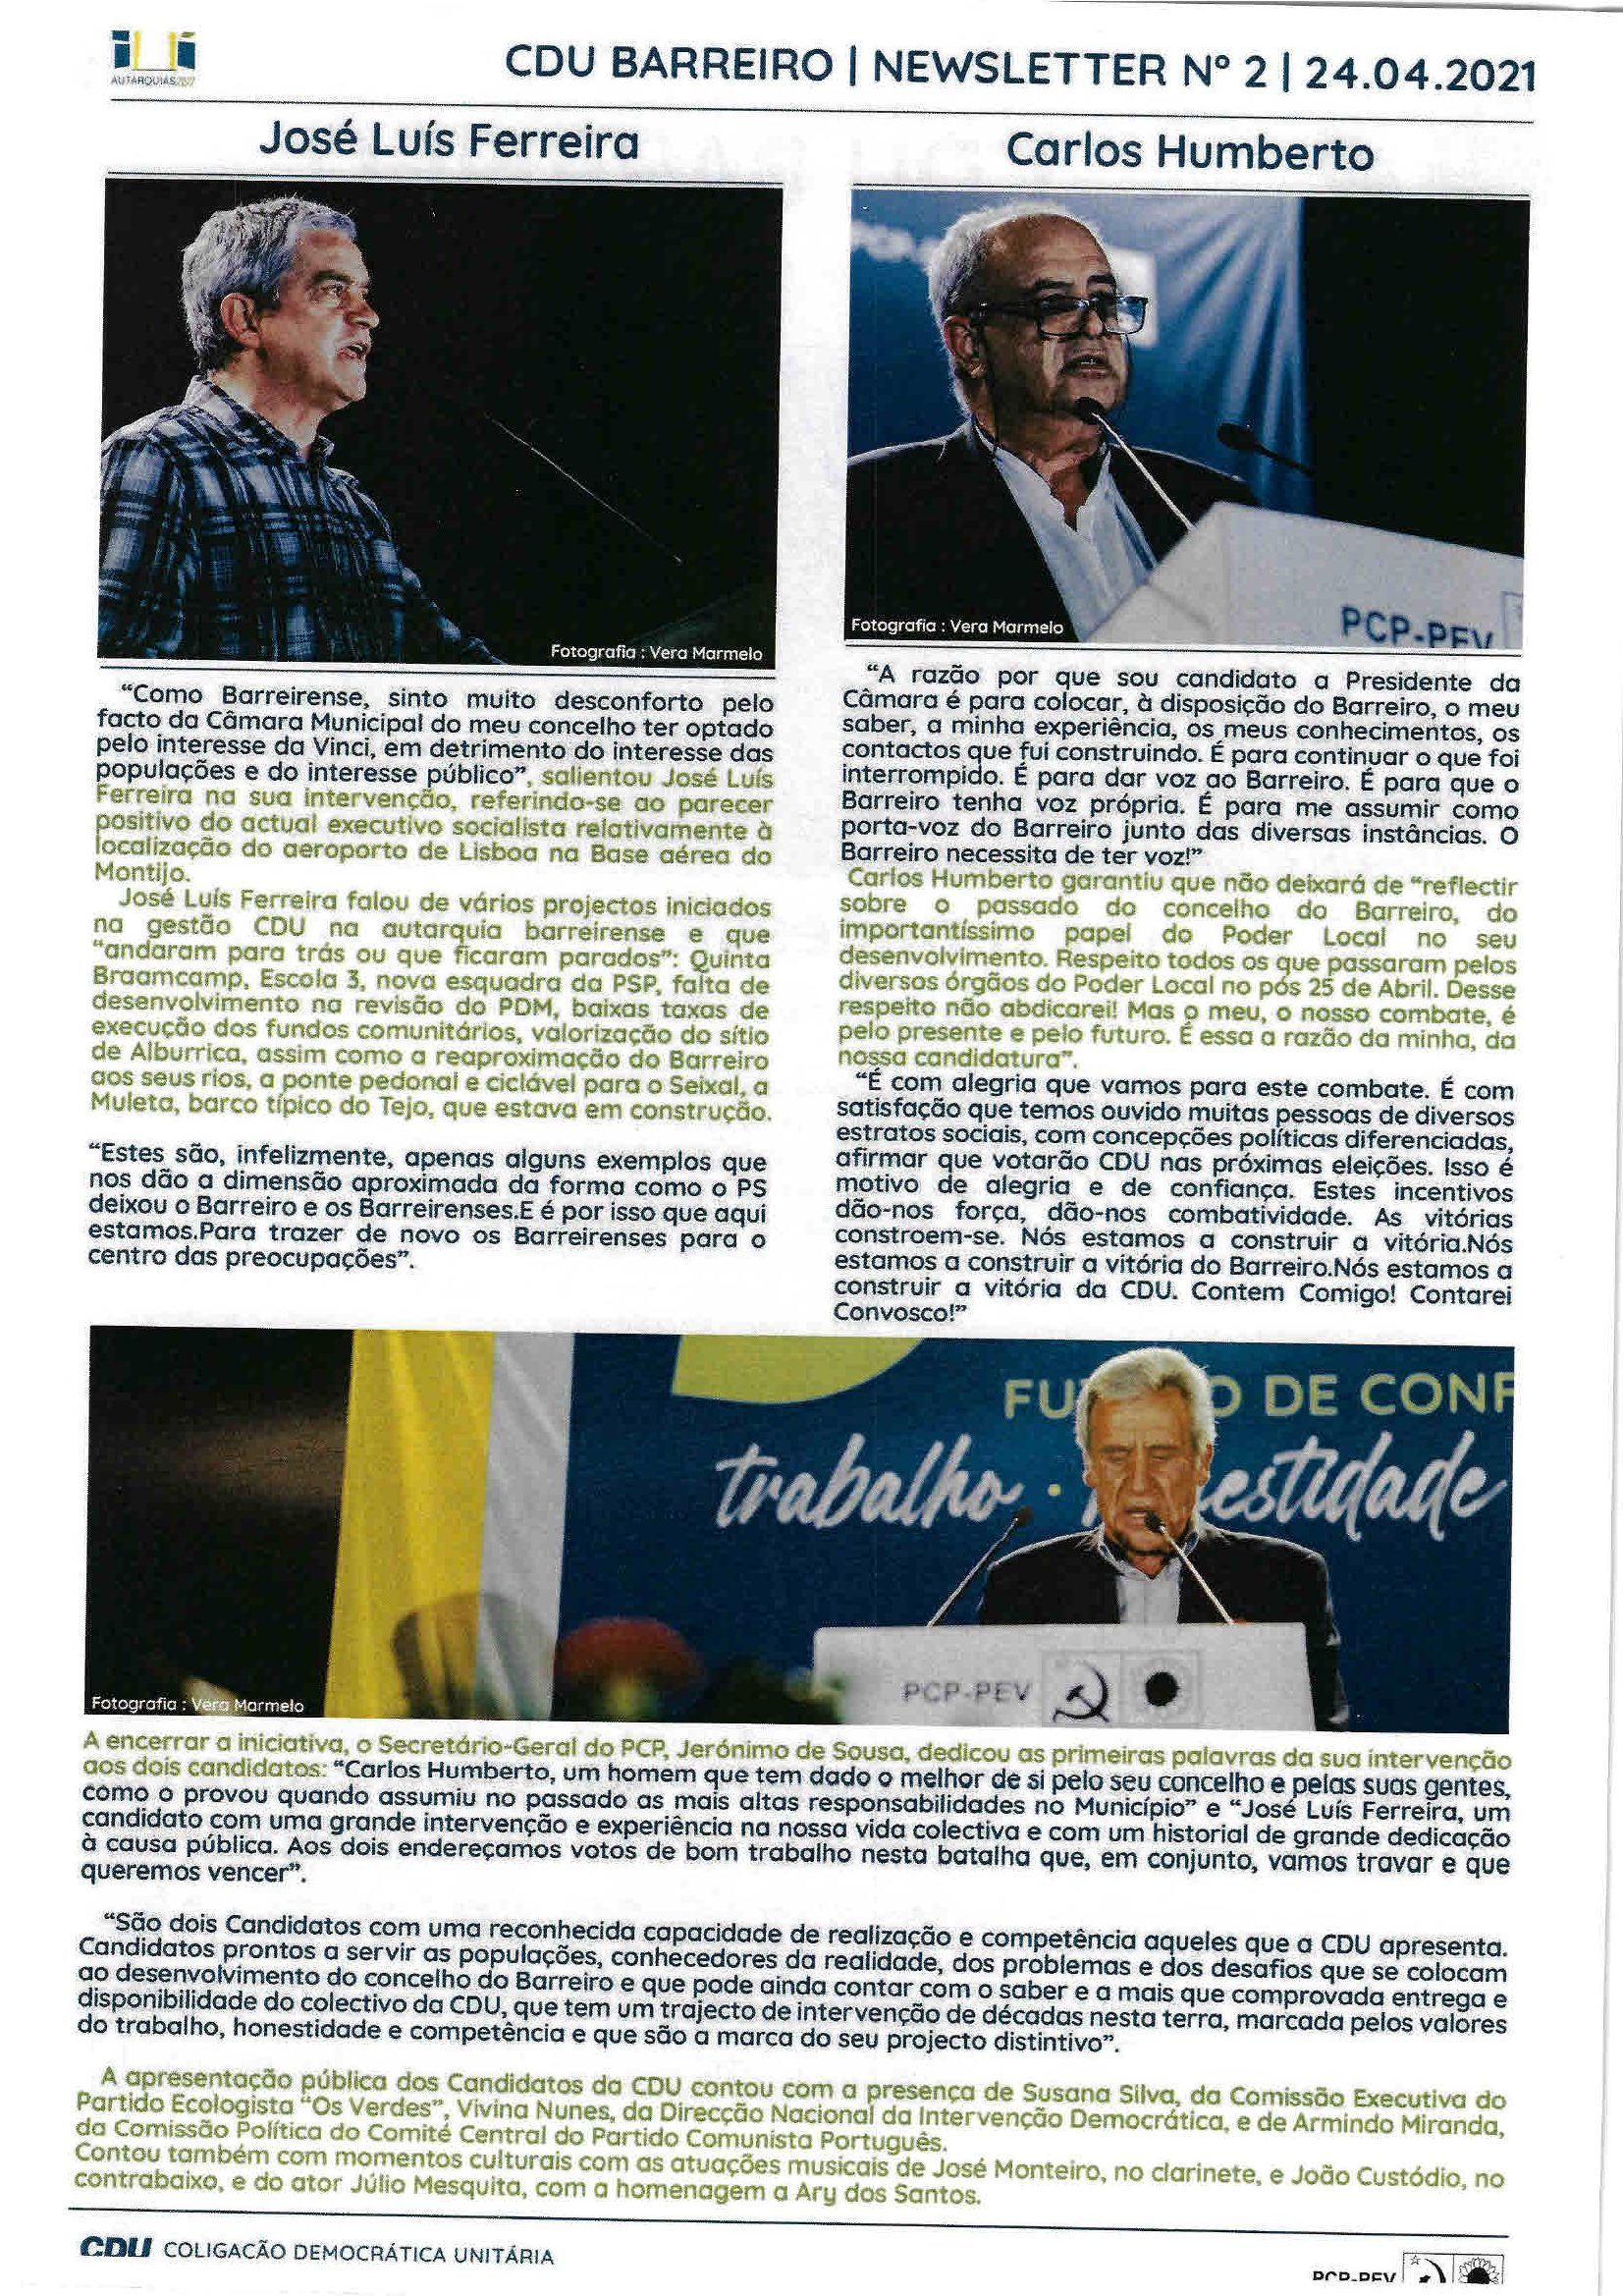 CDU_2021_Barreiro_00002